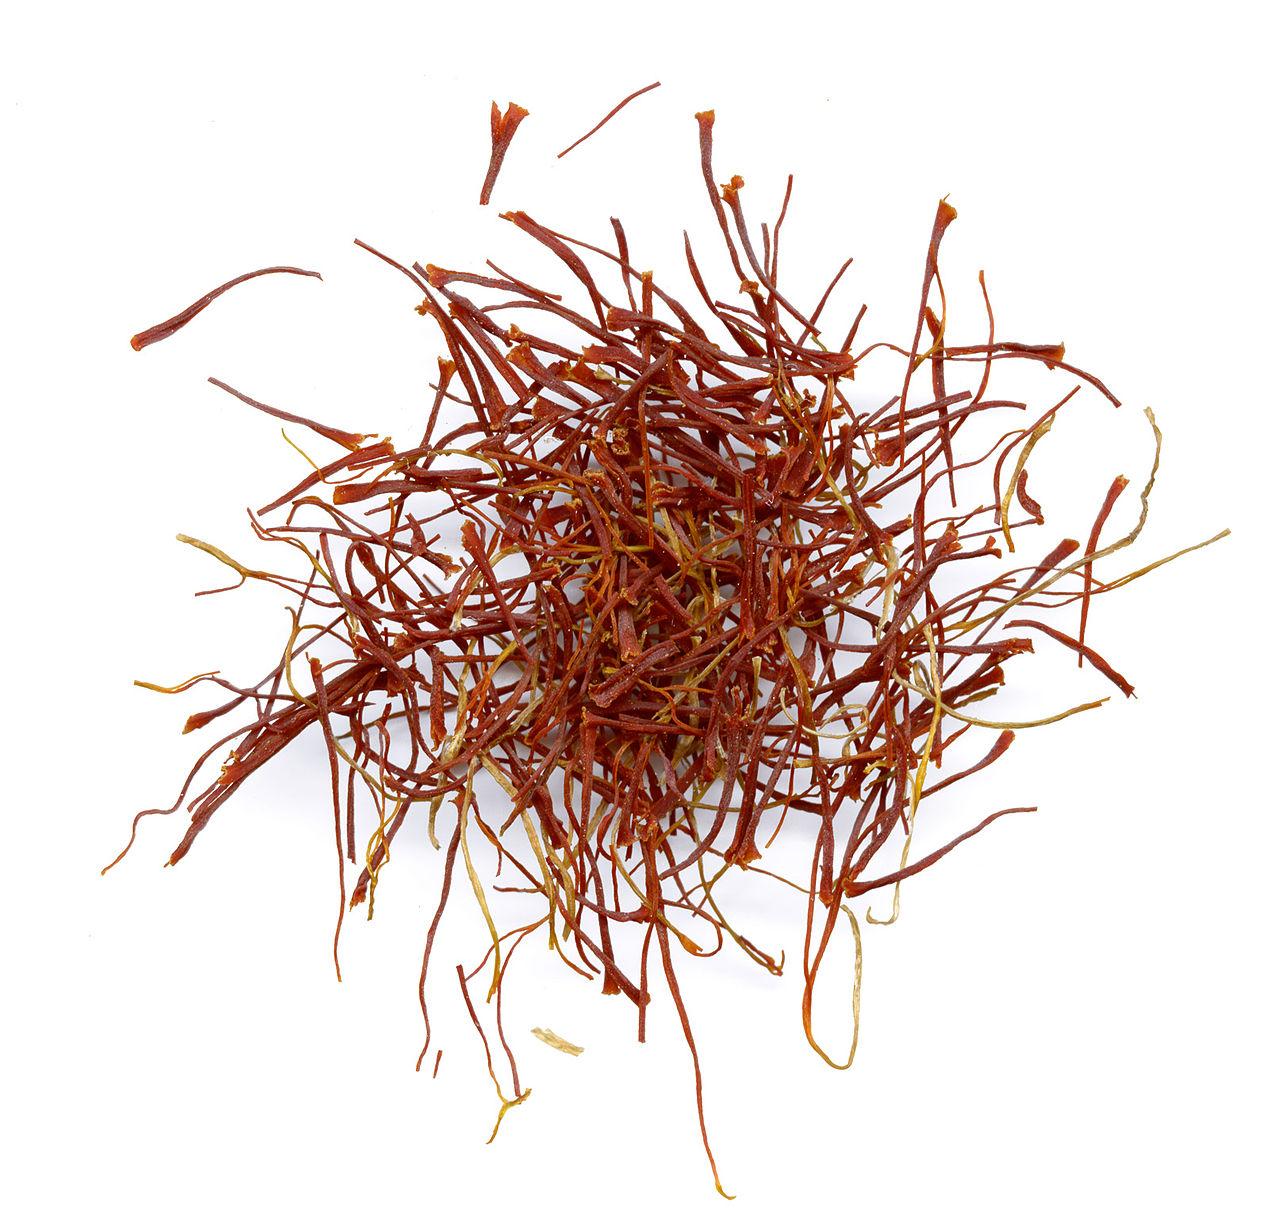 1280px-Iran_saffron_threads